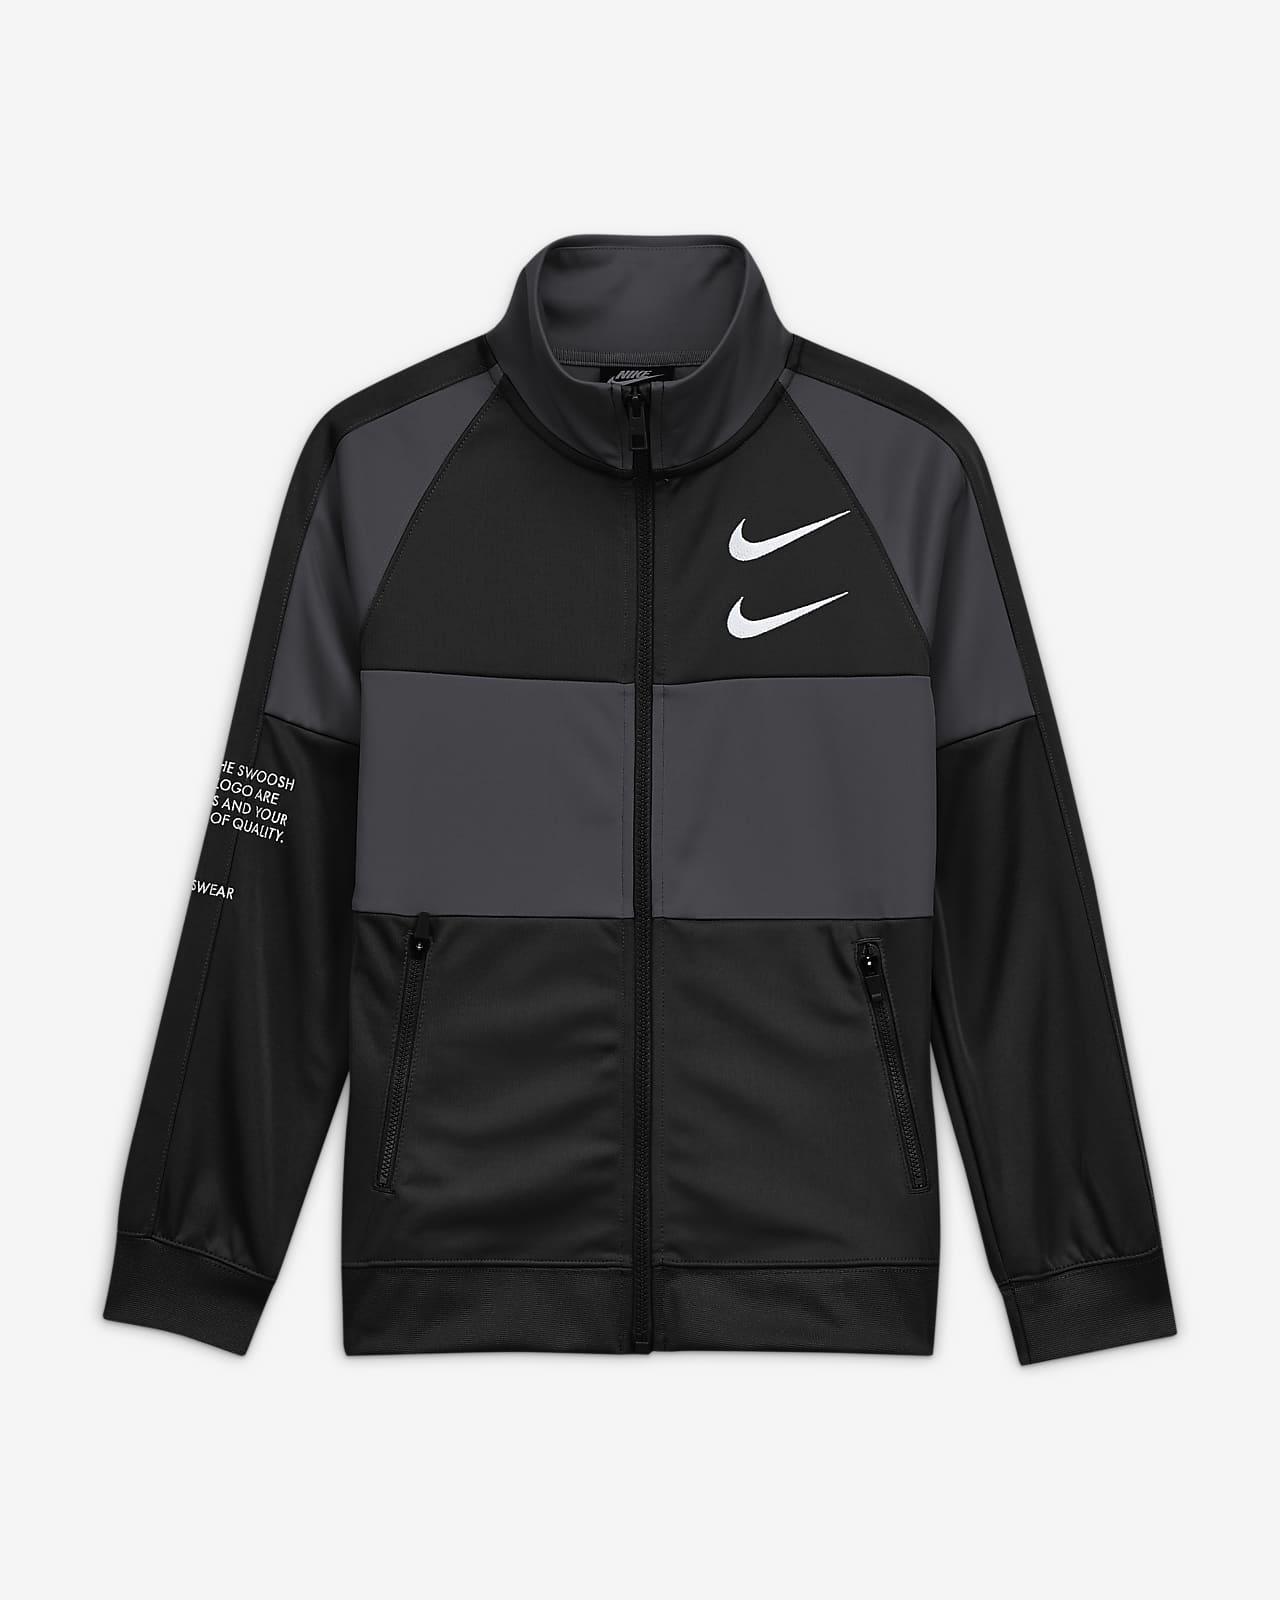 Nike Sportswear Swoosh Jaqueta - Nen